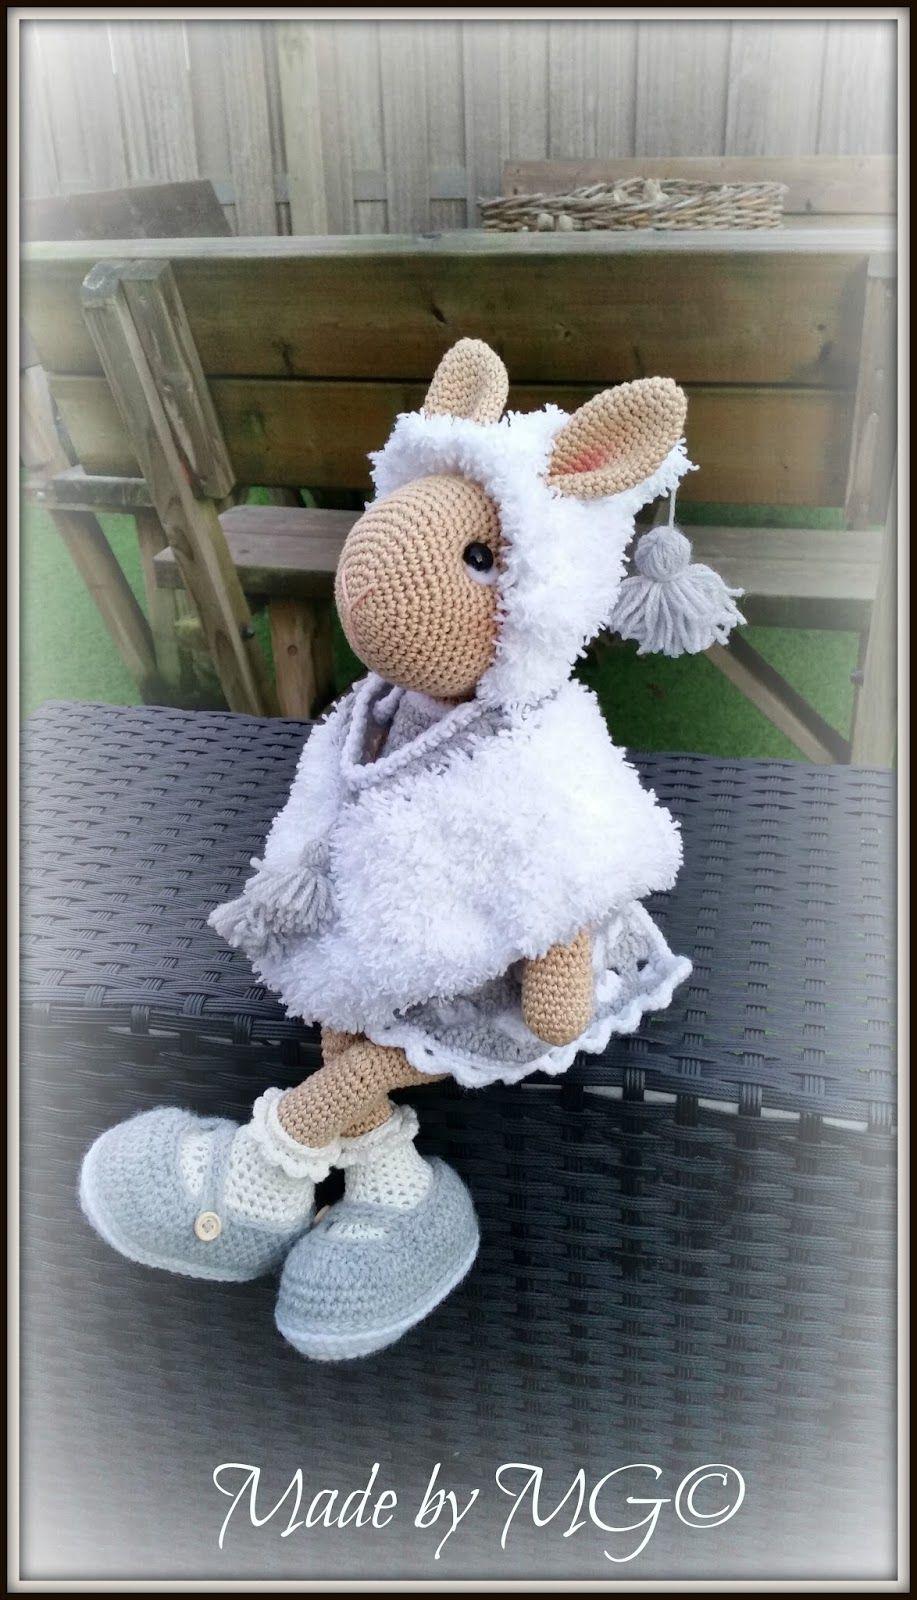 Made by MG | amigurumis y muñe tejidos | Pinterest | Modelos de ...